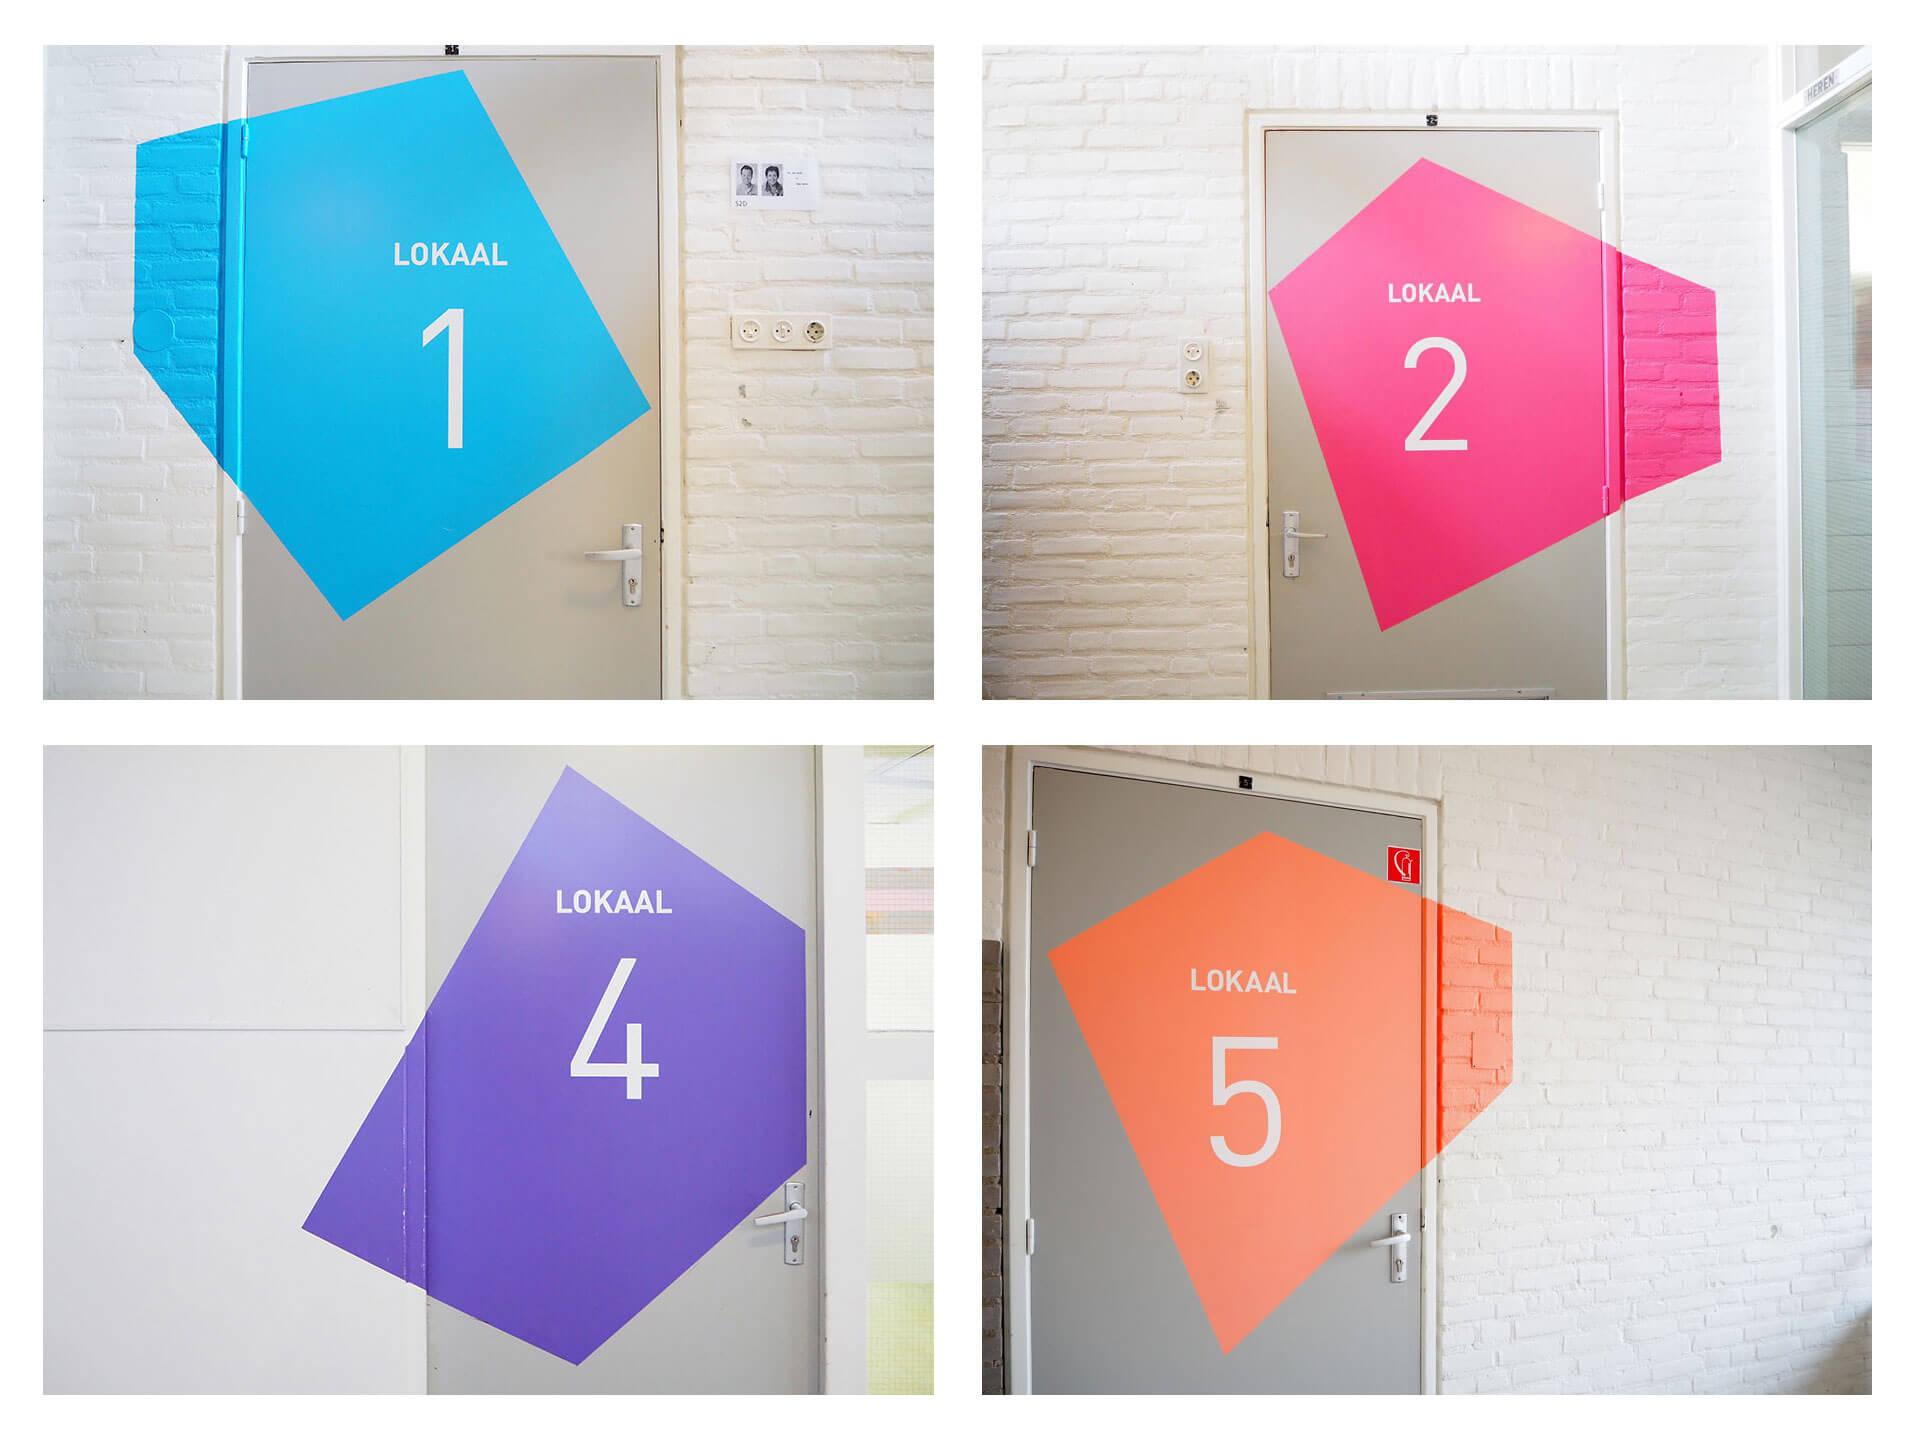 veelzijdig-passend-onderwijs-vertaling-naar-kleurvlakken-interieruconcept-door-INinterieurs-vijfhoeken-4a